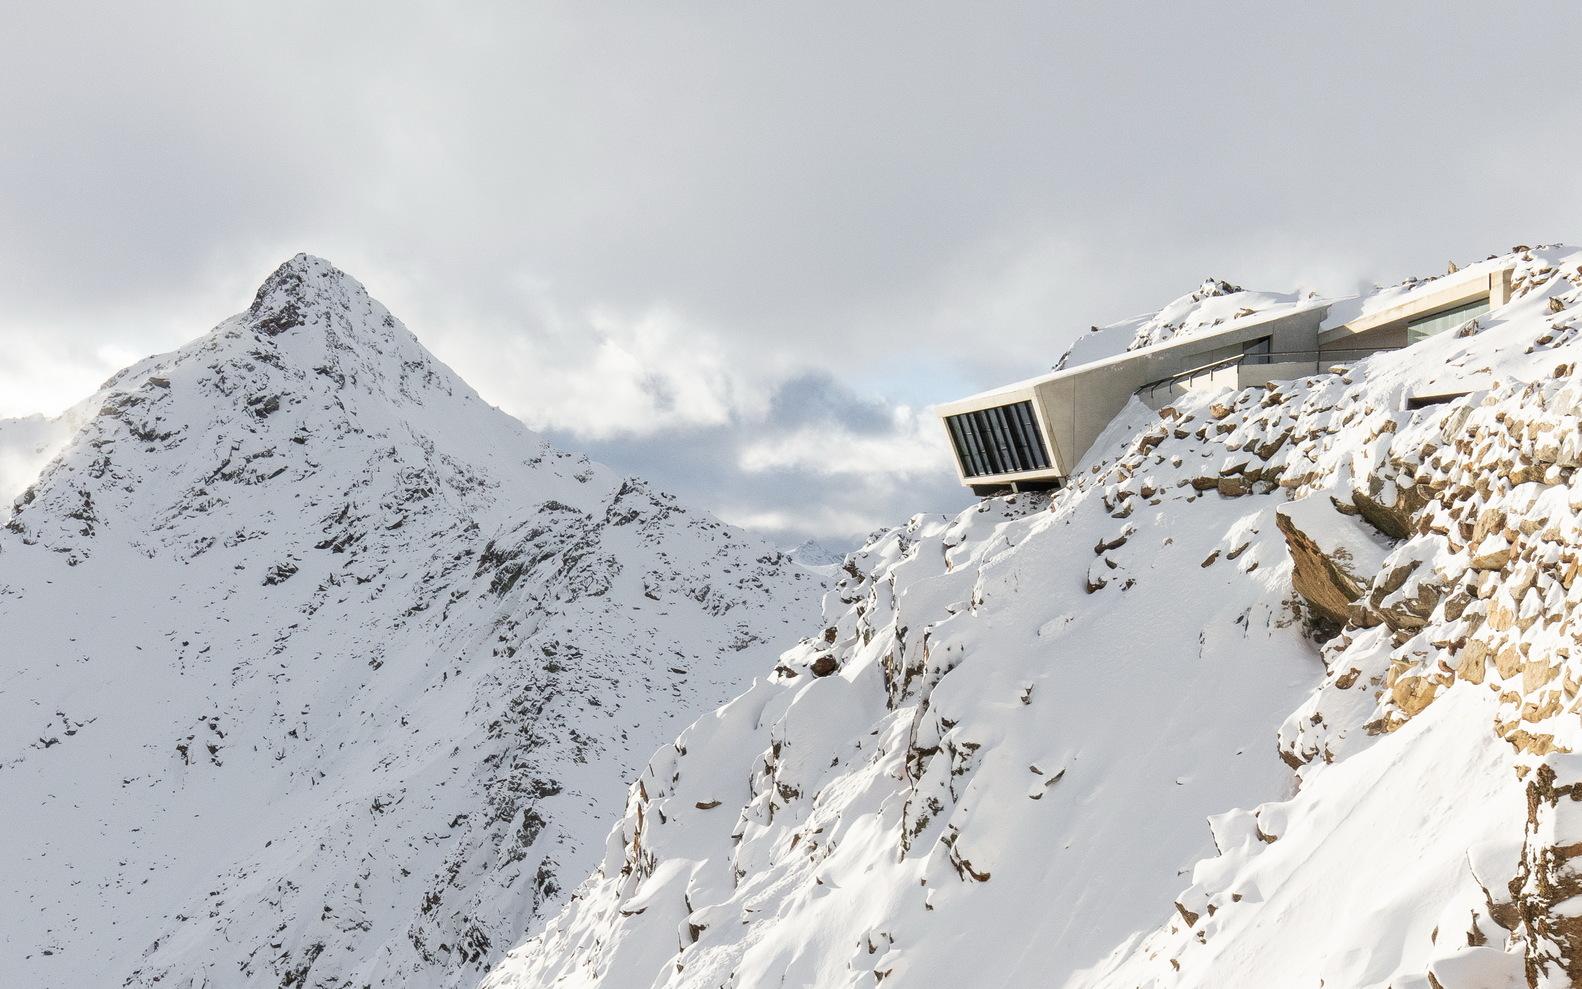 007 ELEMENTS - James Bond Cinematic Installation / Obermoser arch-omo ZT GmbH